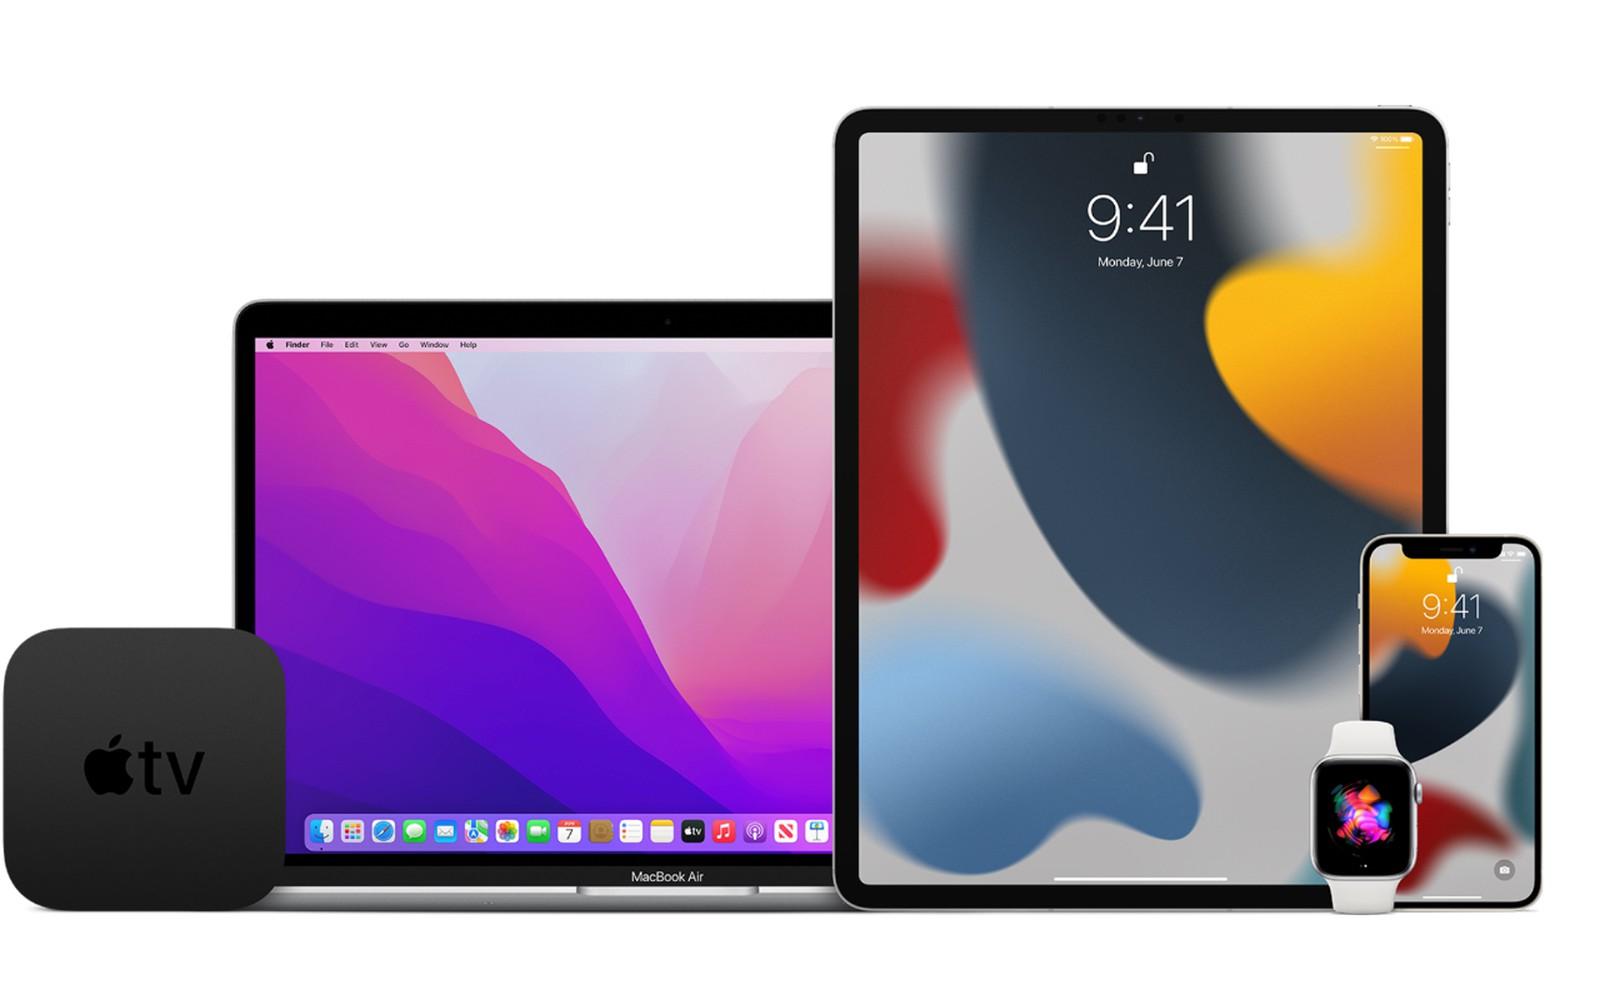 多款苹果产品经历发货延迟 芯片短缺影响或慢慢浮现